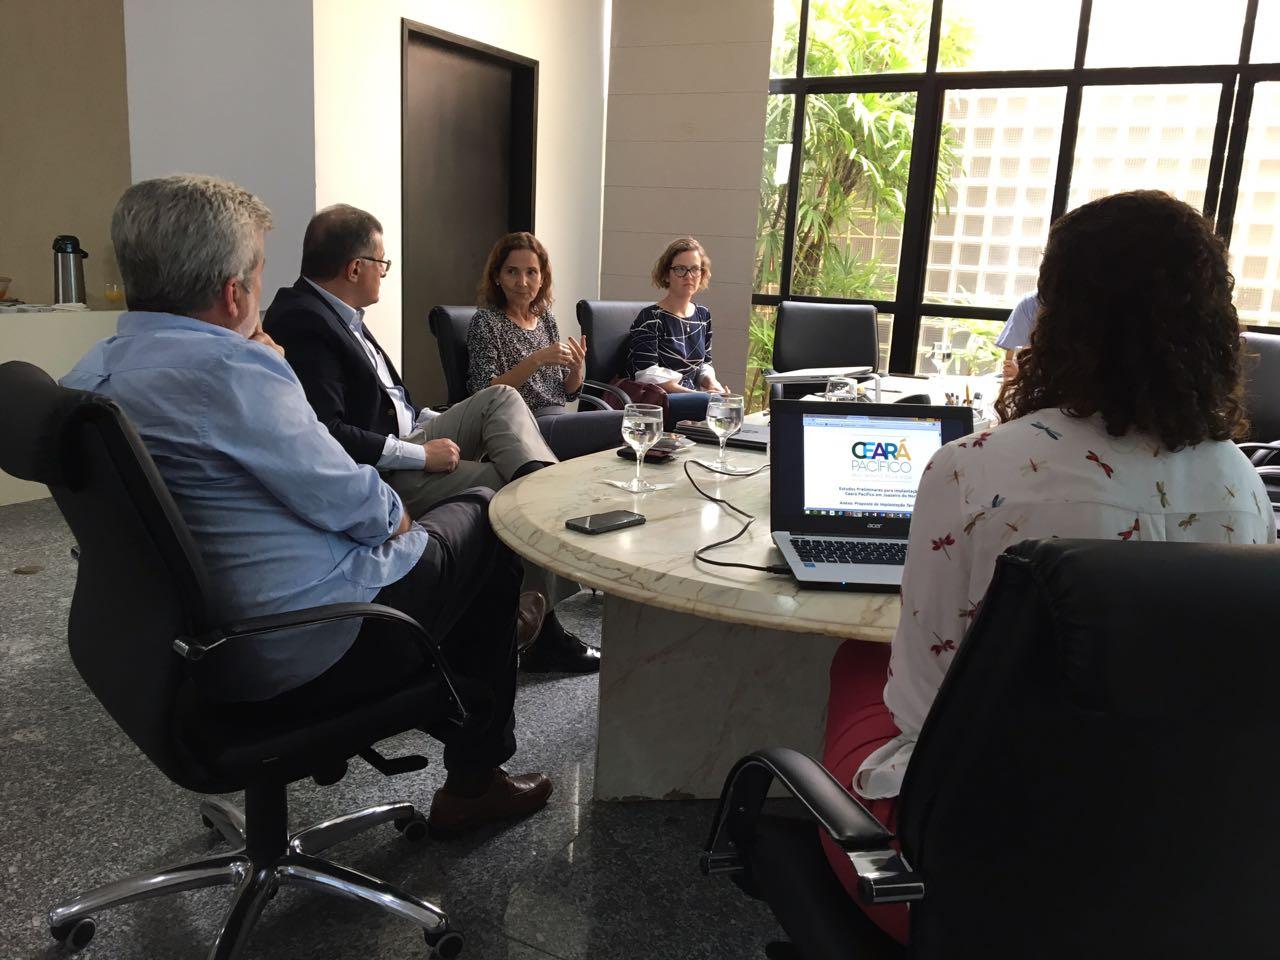 Nesta terça-feira (24), a vice-governadora Izolda Cela recebeu o prefeito de Juazeiro do Norte, Arnon Bezerra para tratar do processo de implantação do Pacto por um Ceará Pacífico no município.